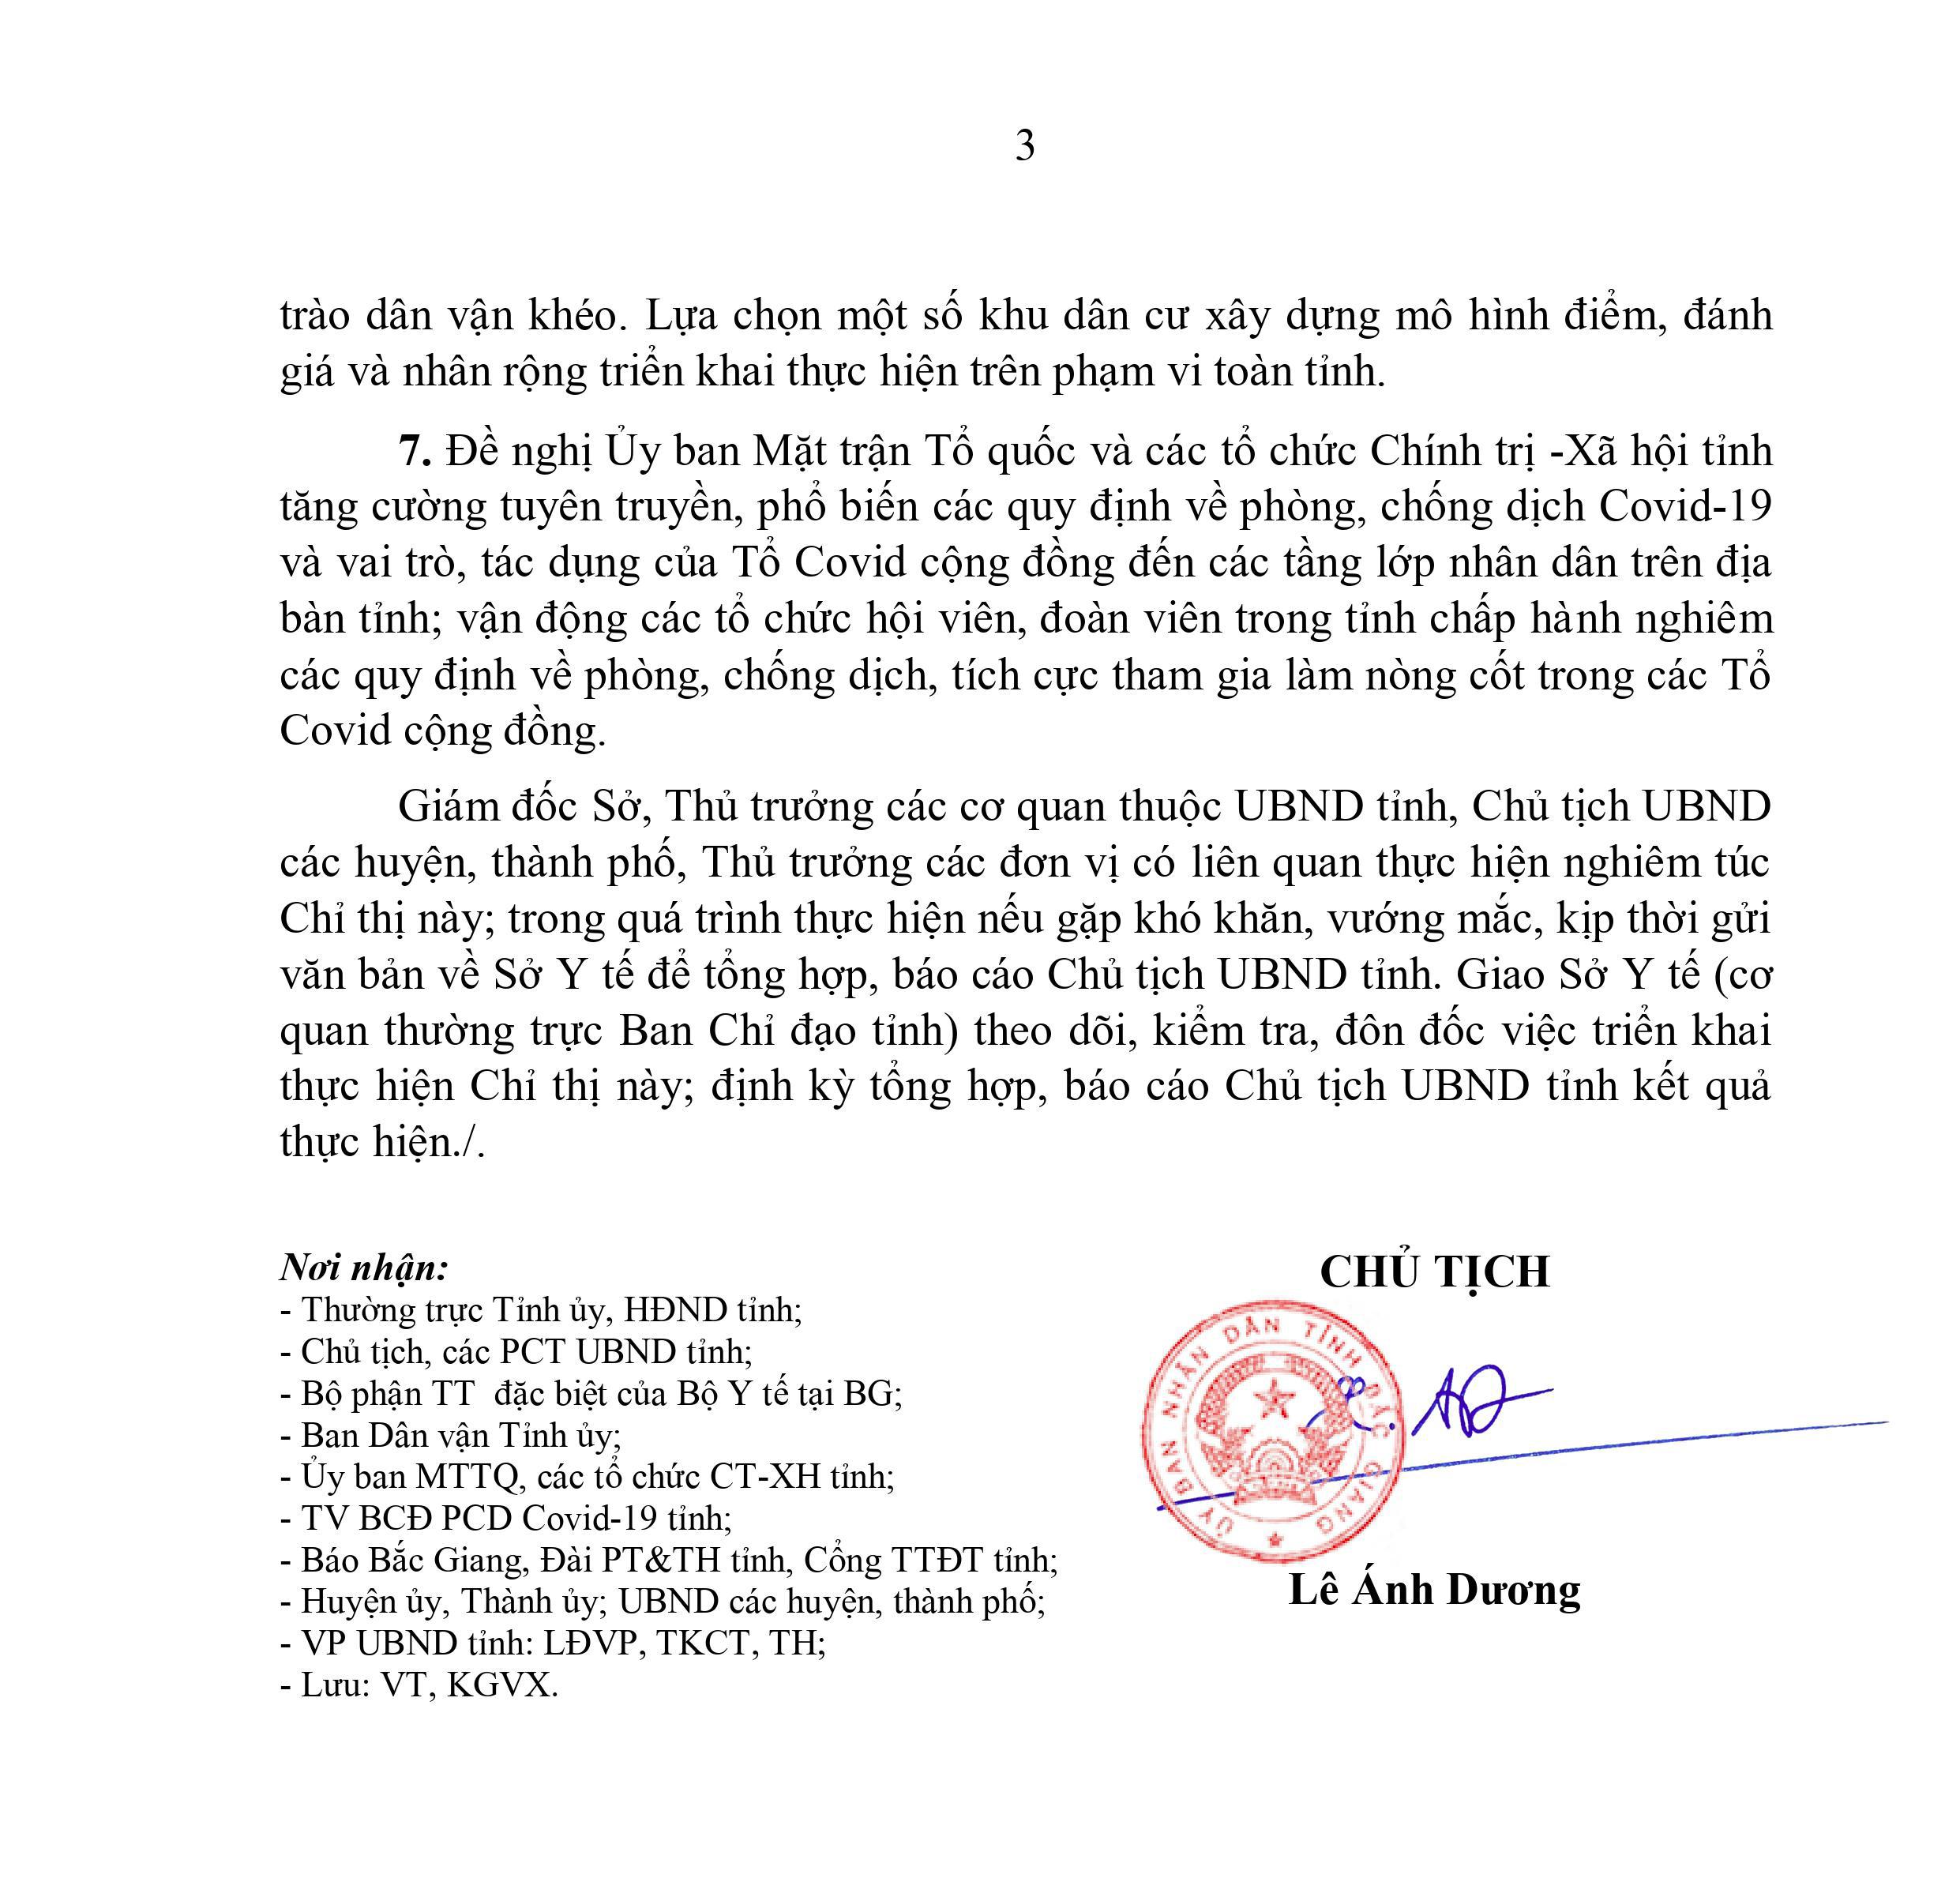 Bắc Giang, Chỉ thị, Chủ tịch UBND tỉnh, Covid 19